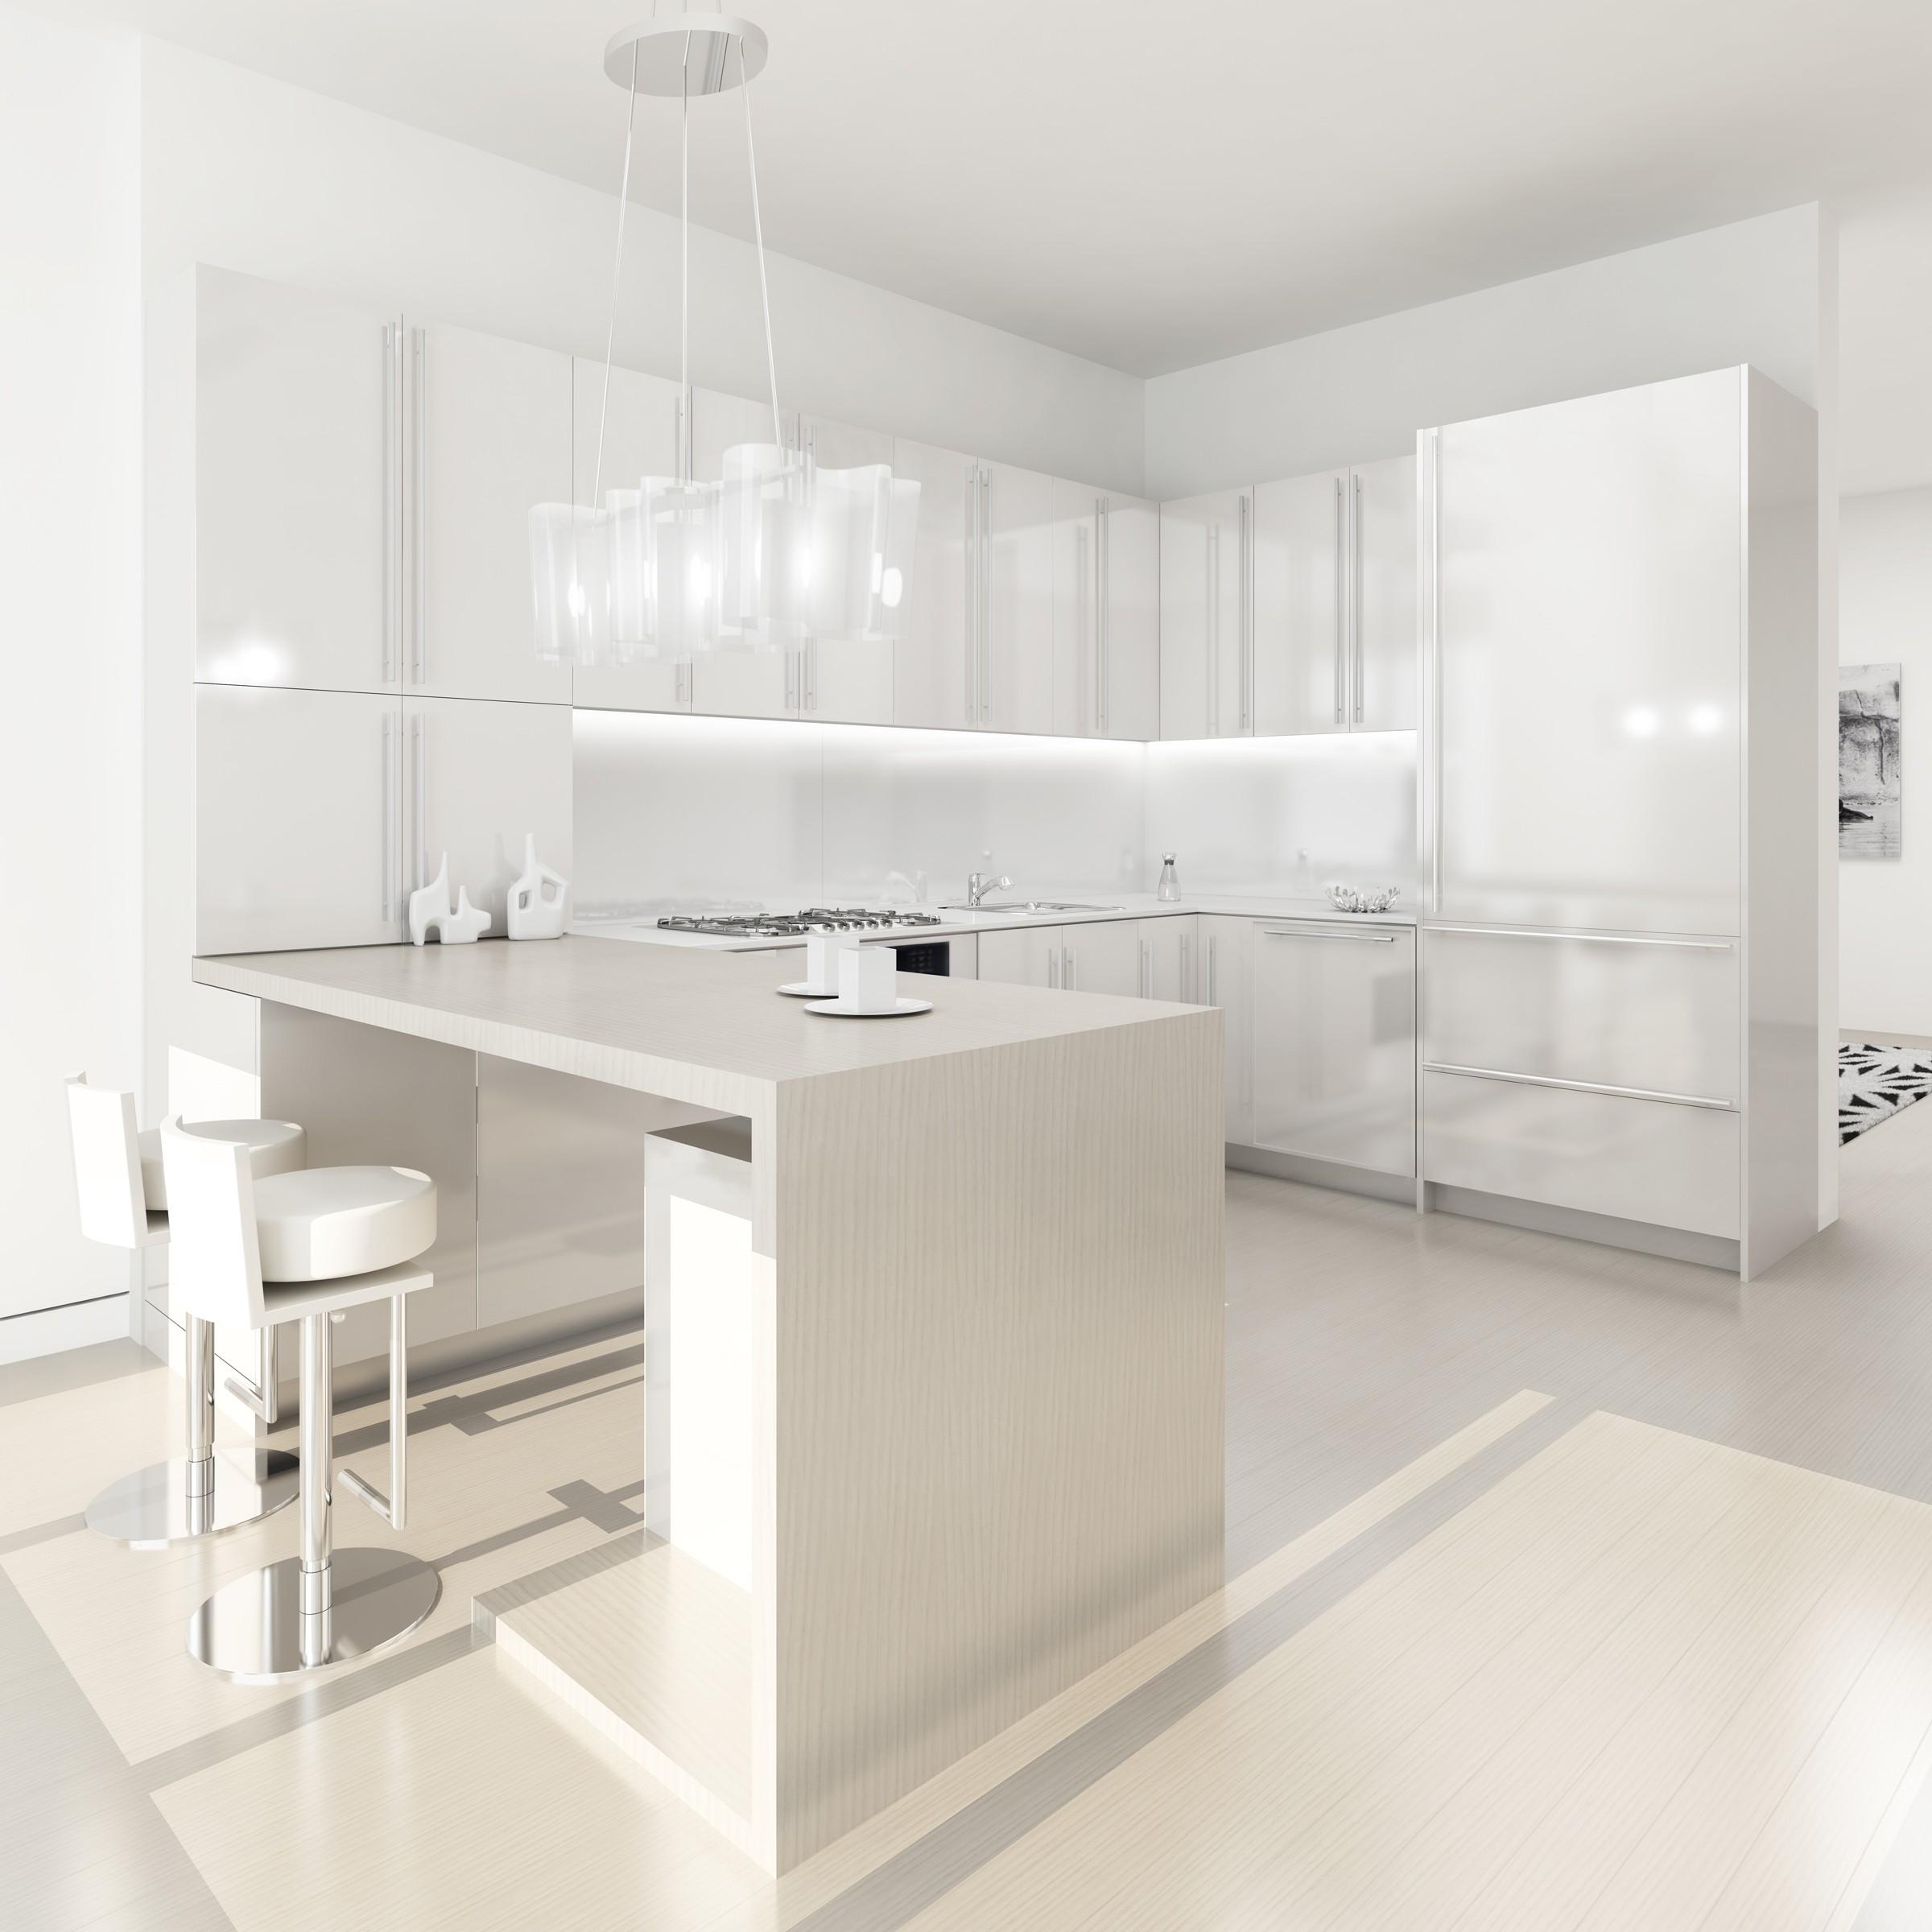 Pure White Basic Kitchen Design (View 8 of 16)